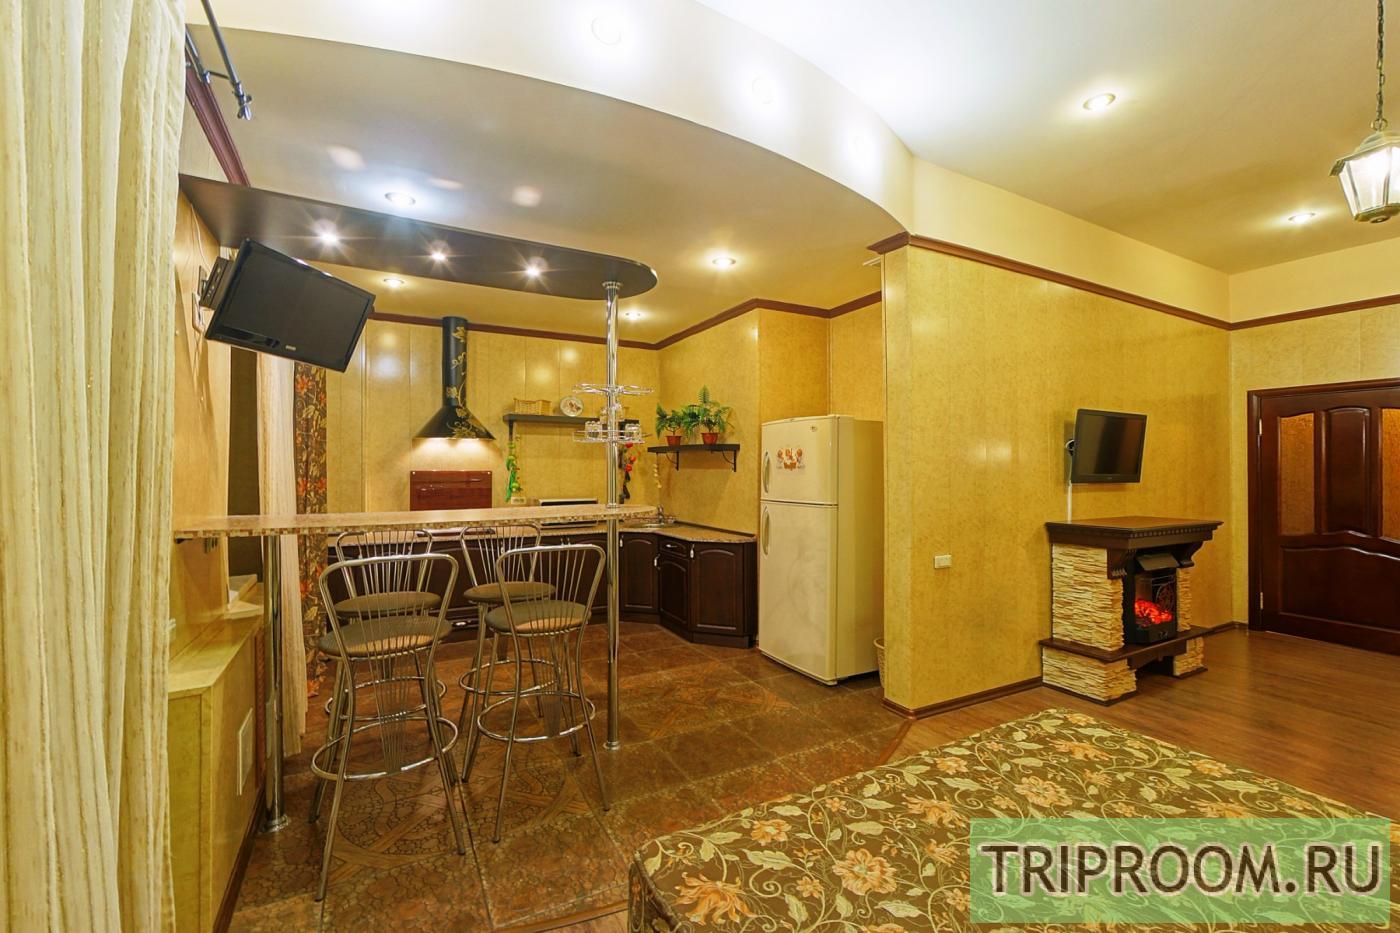 1-комнатная квартира посуточно (вариант № 6079), ул. Молодогвардейцев улица, фото № 1